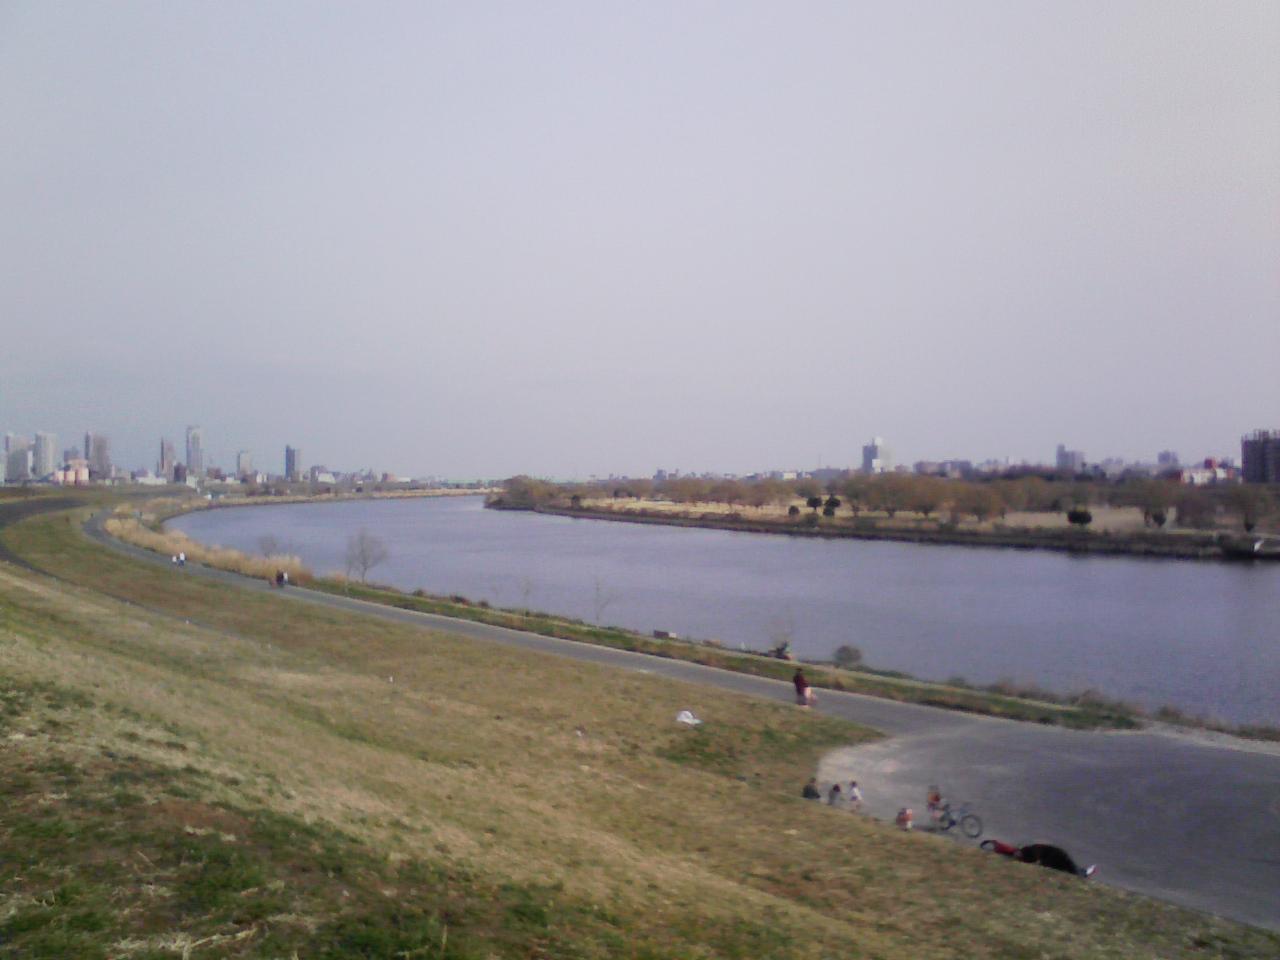 お出かけスポット「荒川河川敷」の口コミ情報を紹介します。